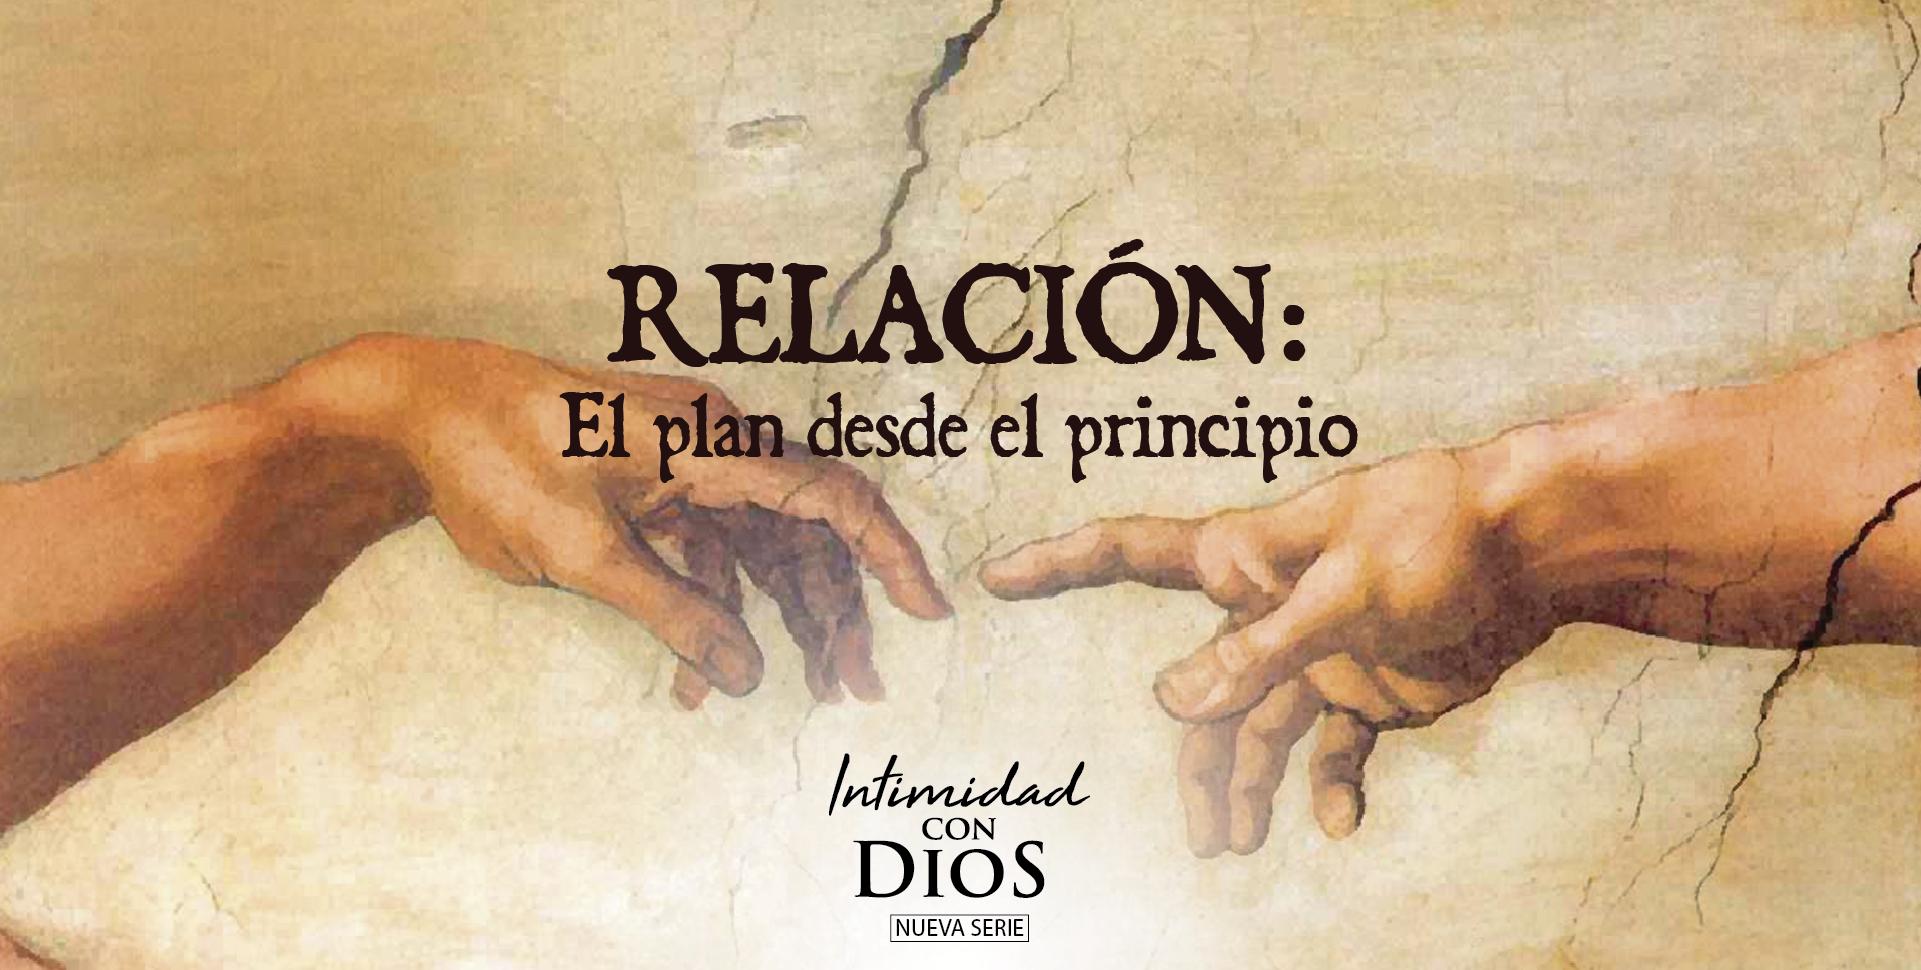 Relacion: El Plan Desde el Principio